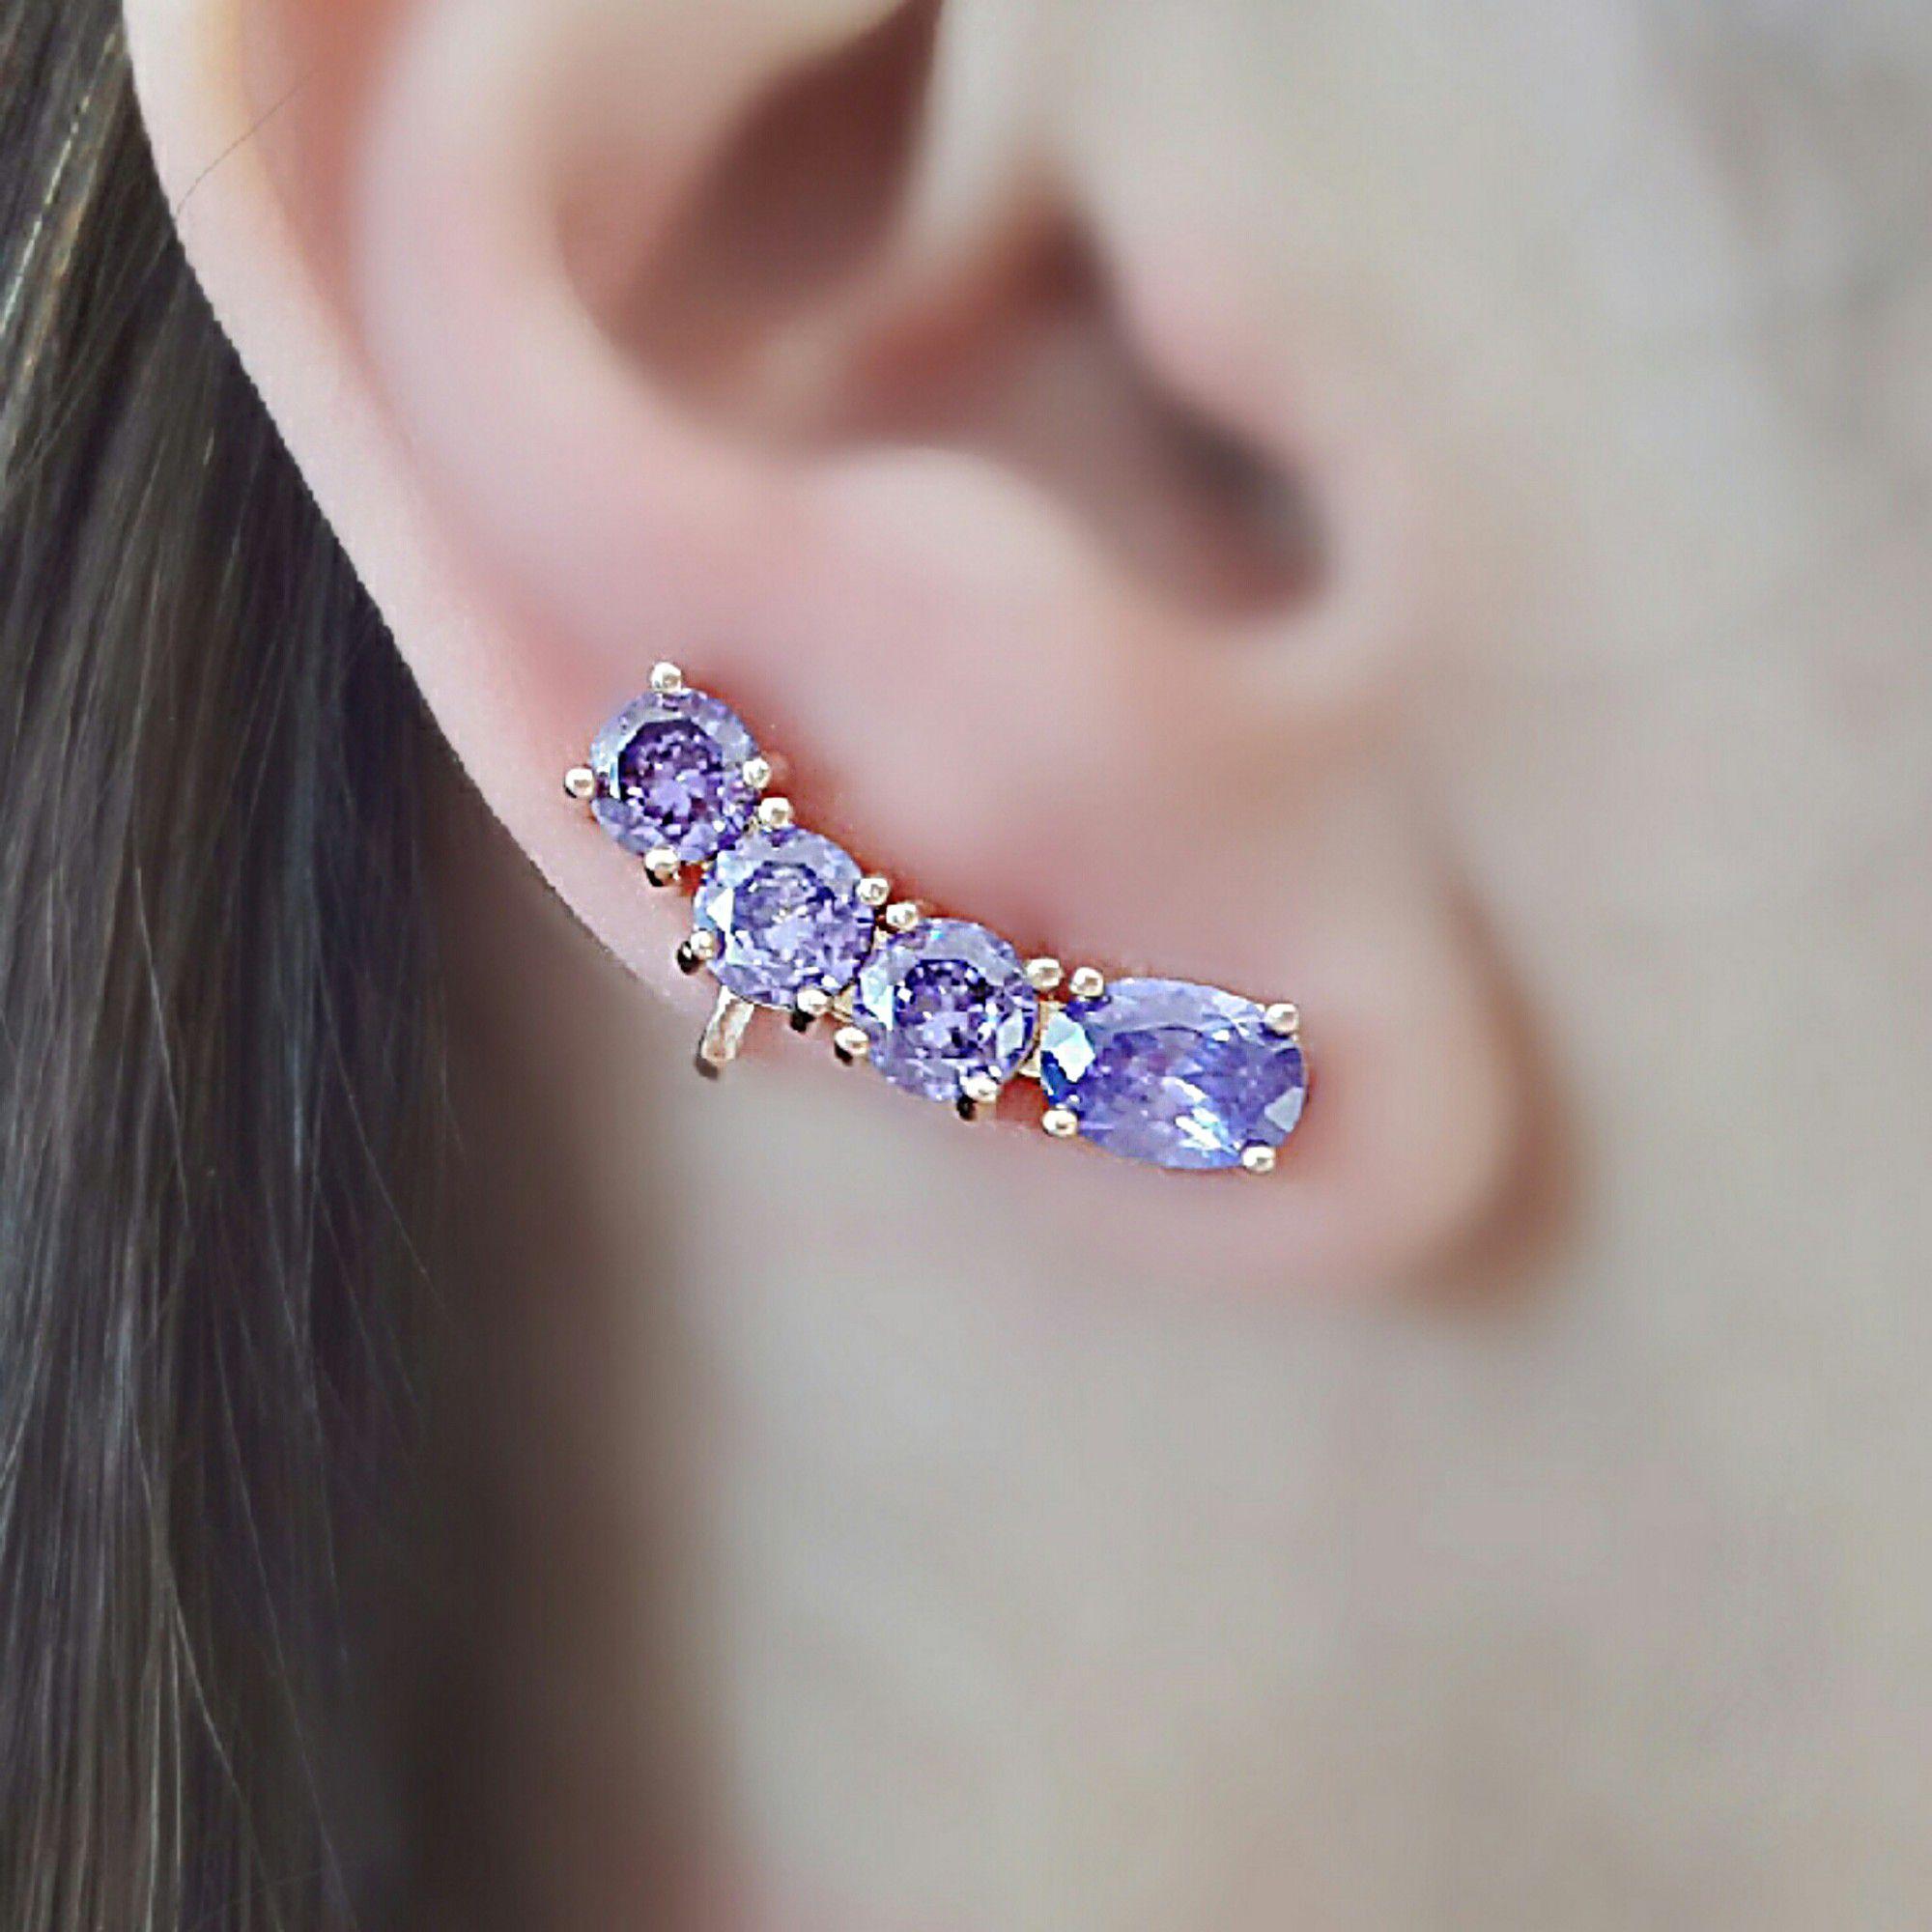 Ear Cuff Ametista Premium com Garra Semijoia Ouro Rosé  - Soloyou